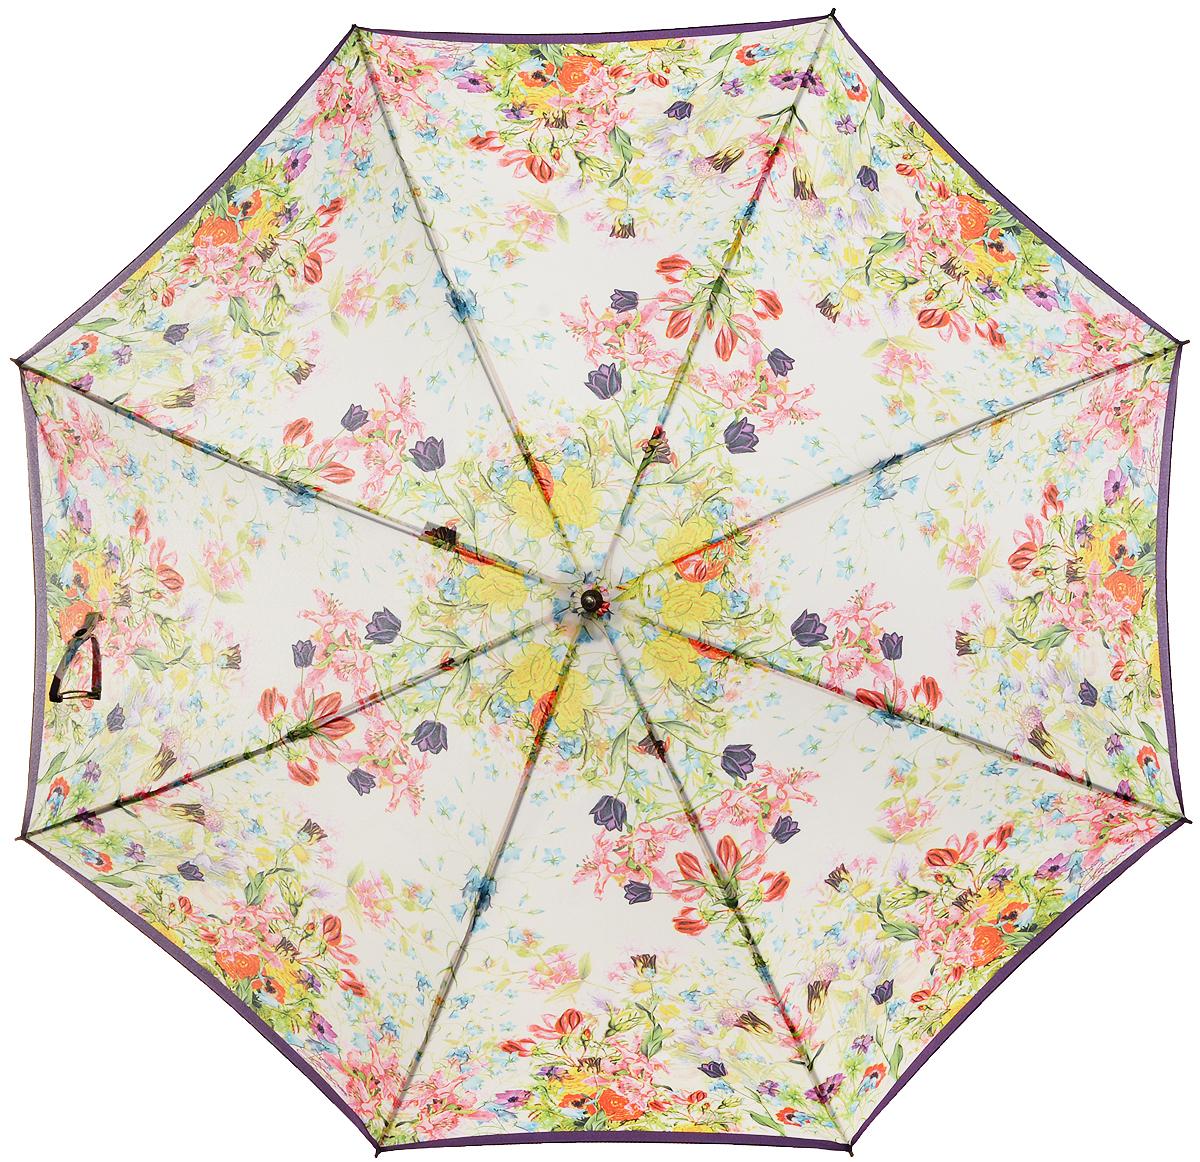 Зонт-трость женский Eleganzza, полуавтомат, 3 сложения, цвет: молочный, мультиколор. T-06-0294T-06-0294Элегантный женский зонт-трость Eleganzza не оставит вас незамеченной. Изделие оформлено оригинальным принтом в виде цветов. Зонт состоит из восьми спиц и стержня, изготовленных из стали и фибергласса. Купол выполнен из качественного полиэстера и эпонжа, которые не пропускают воду. Зонт дополнен удобной ручкой из акрила, которая имеет форму крючка. Также зонт имеет заостренный наконечник, который устраняет попадание воды на стержень и уберегает зонт от повреждений. Изделие имеет полуавтоматический механизм сложения: купол открывается нажатием кнопки на ручке, а складывается вручную до характерного щелчка. Оригинальный и практичный аксессуар даже в ненастную погоду позволит вам оставаться женственной и привлекательной.